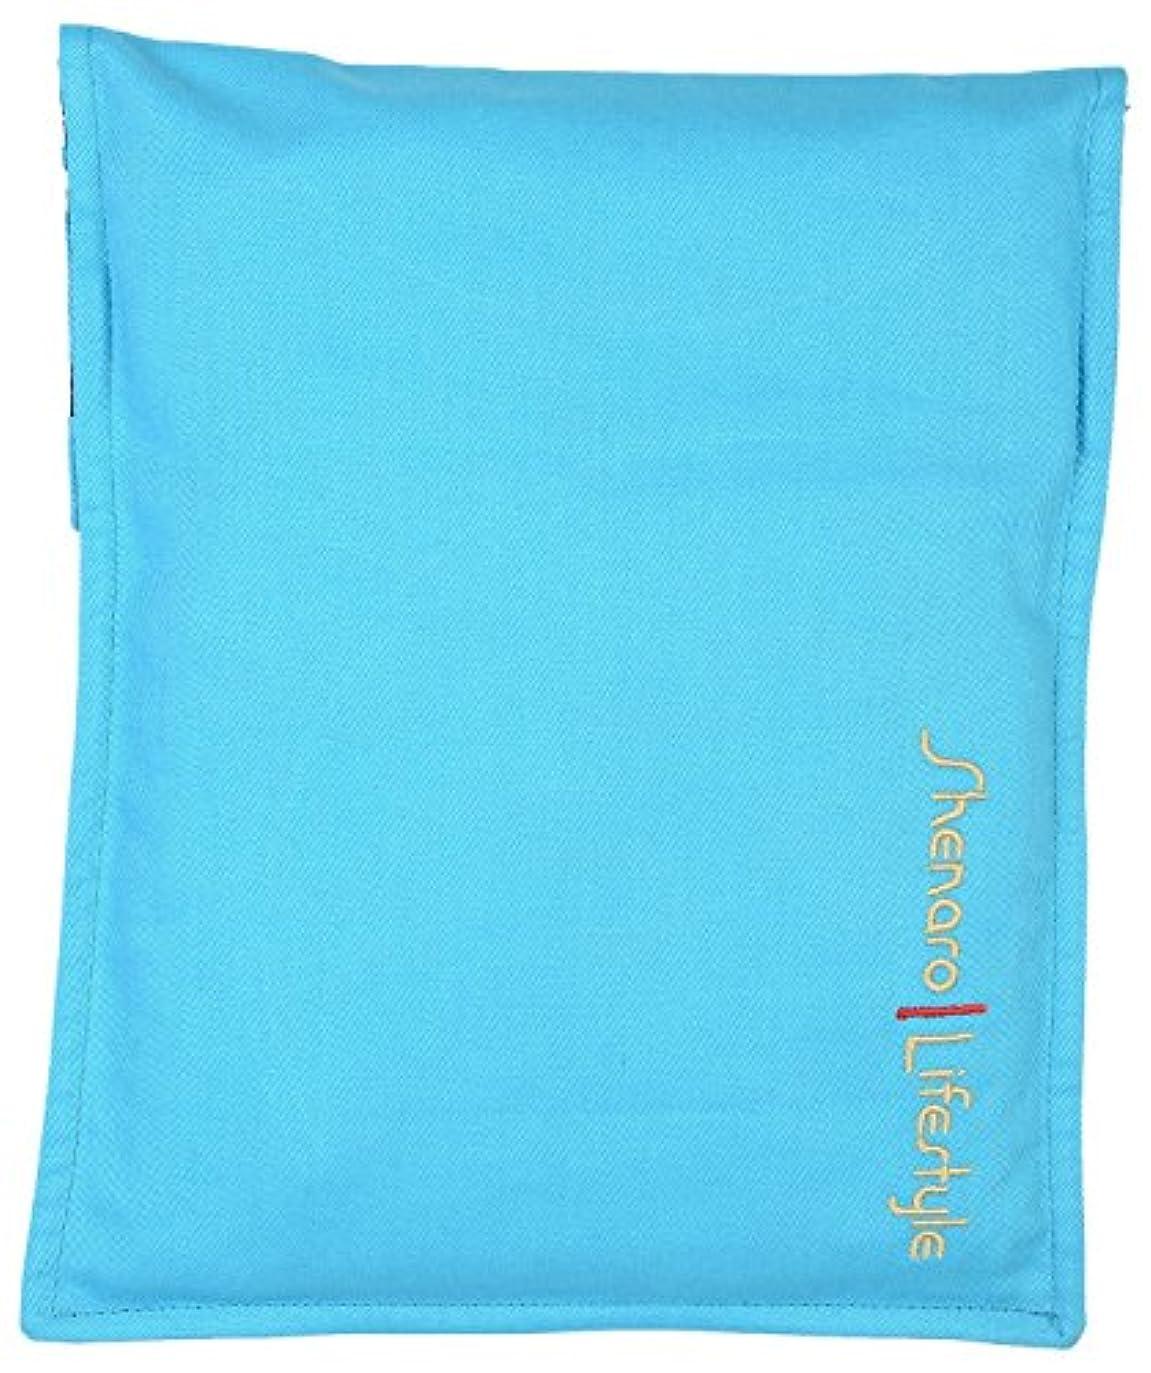 セッティング理容室確かにShenaro Lifestyle's: Cotton Organic and Eco-Friendly Pain Relief Wheat Bag with Treated Whole Grains and Aroma...